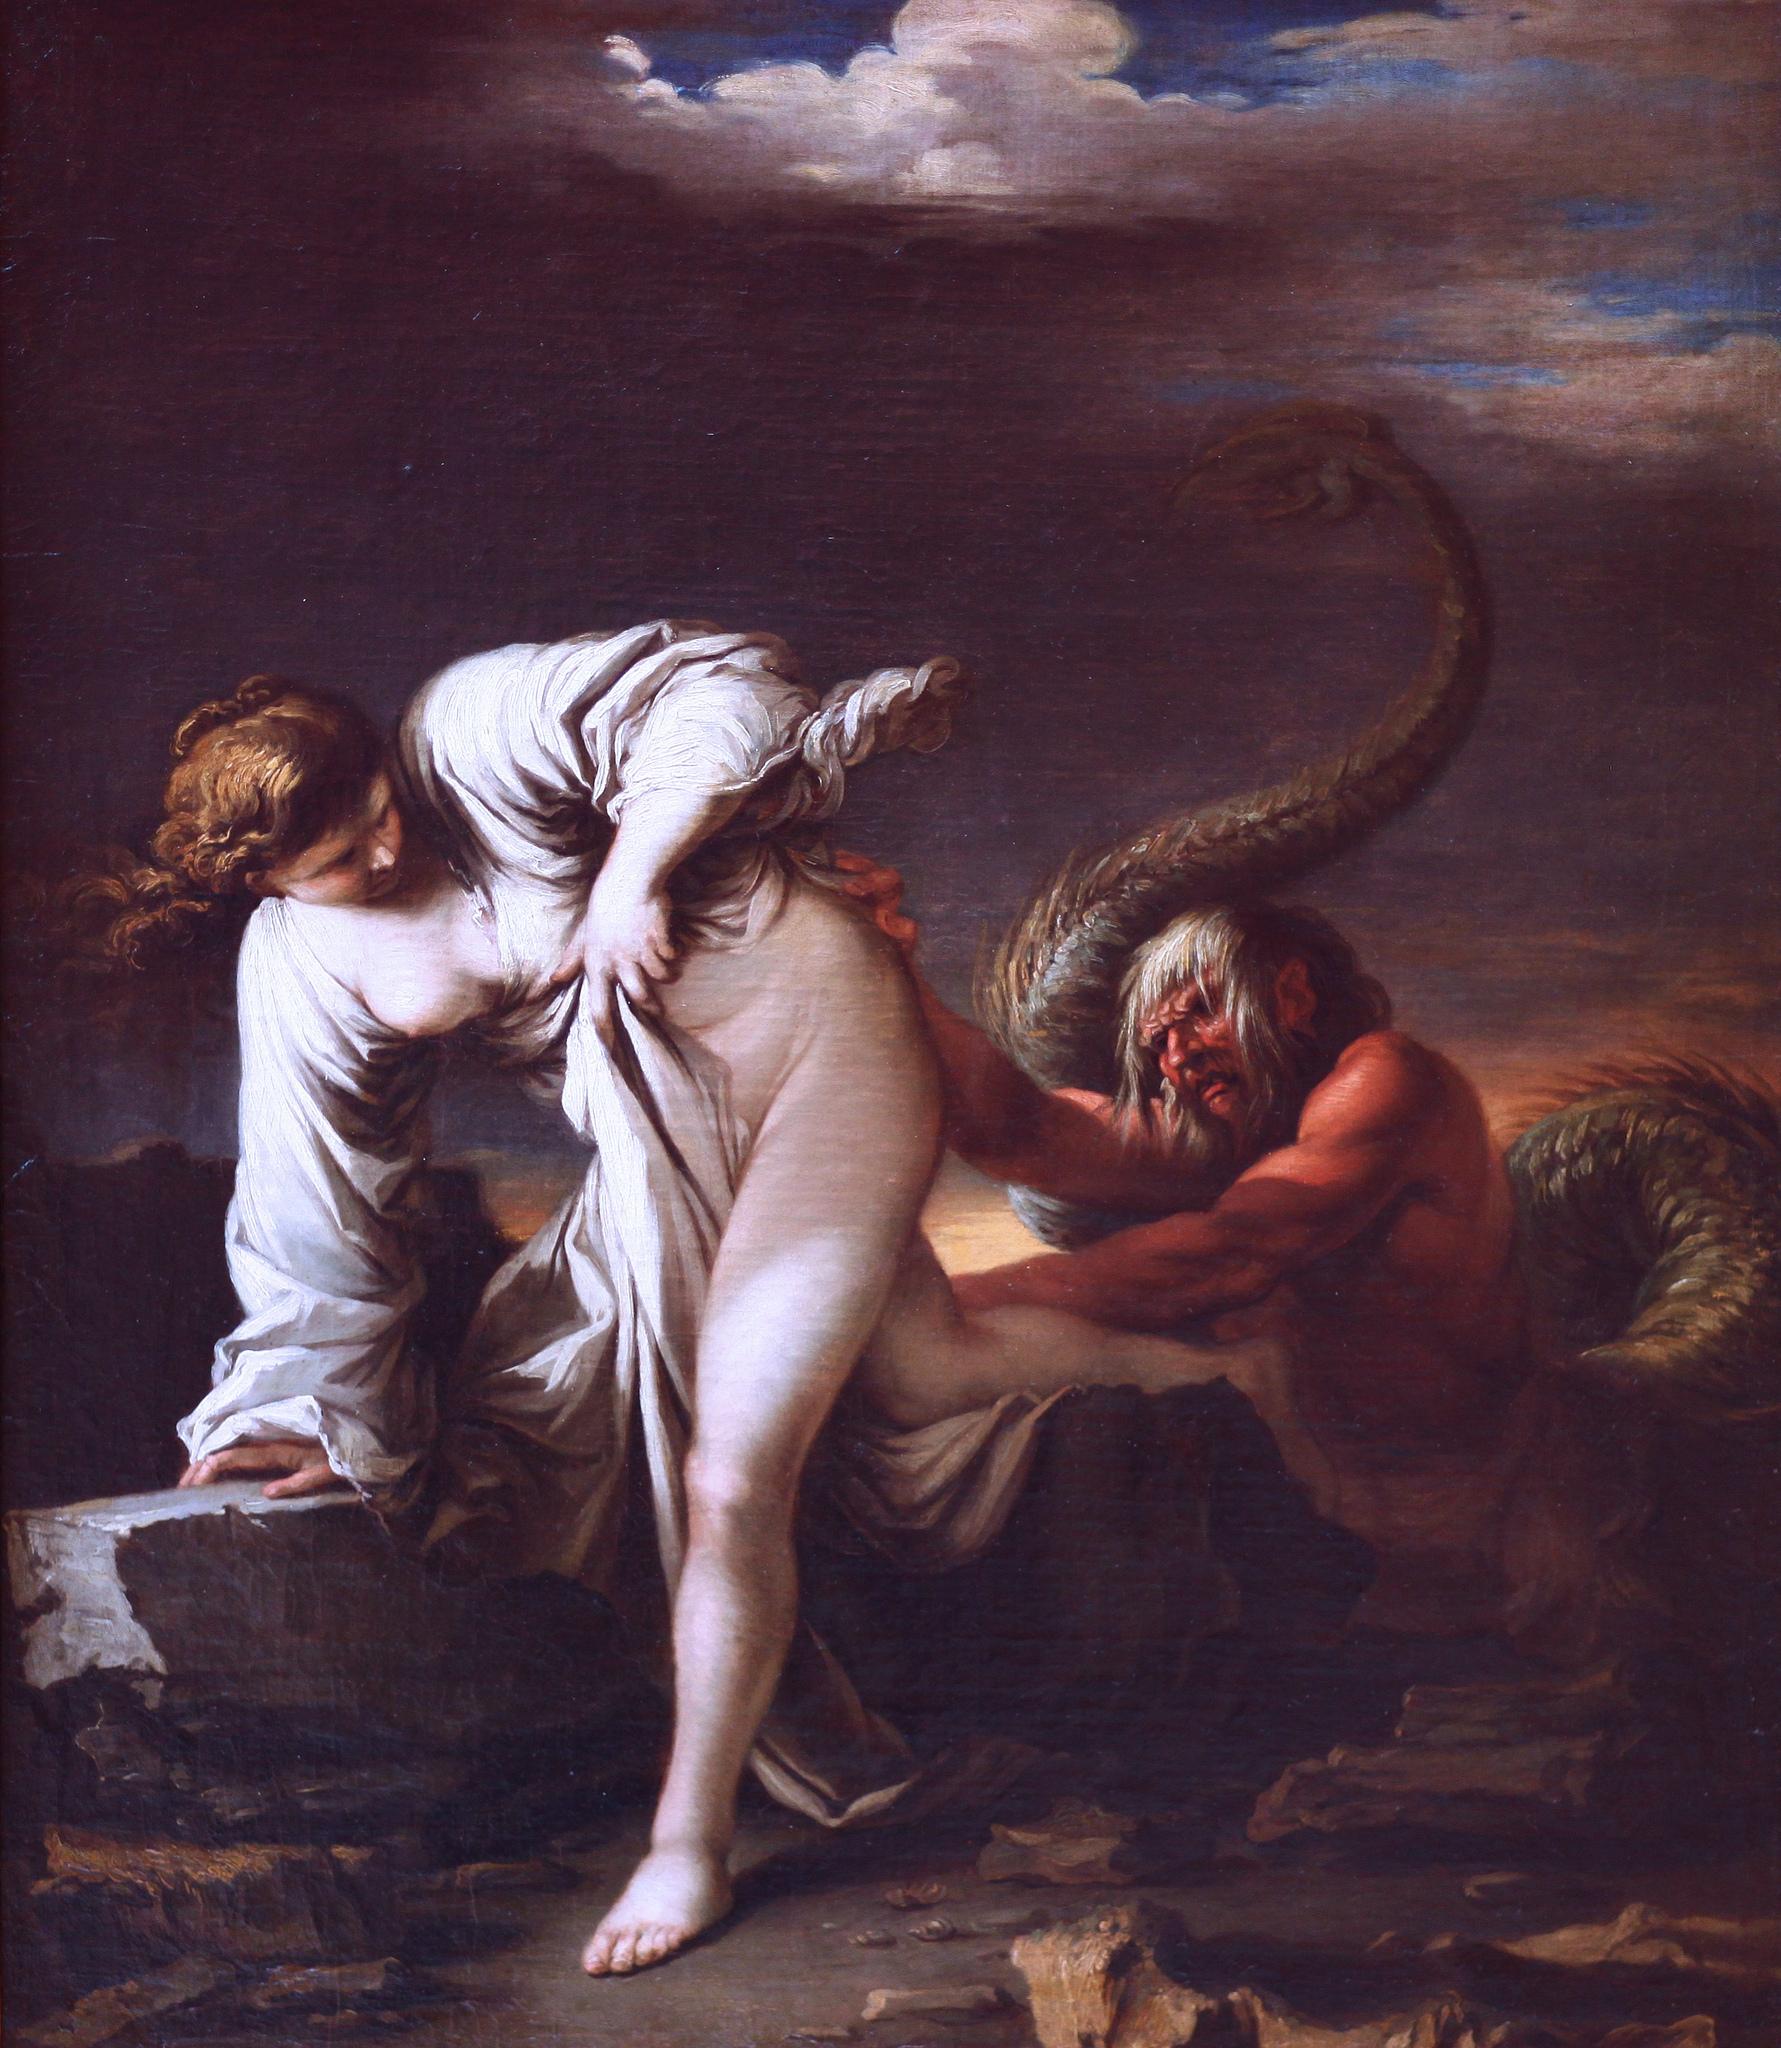 Erotic monster art apologise